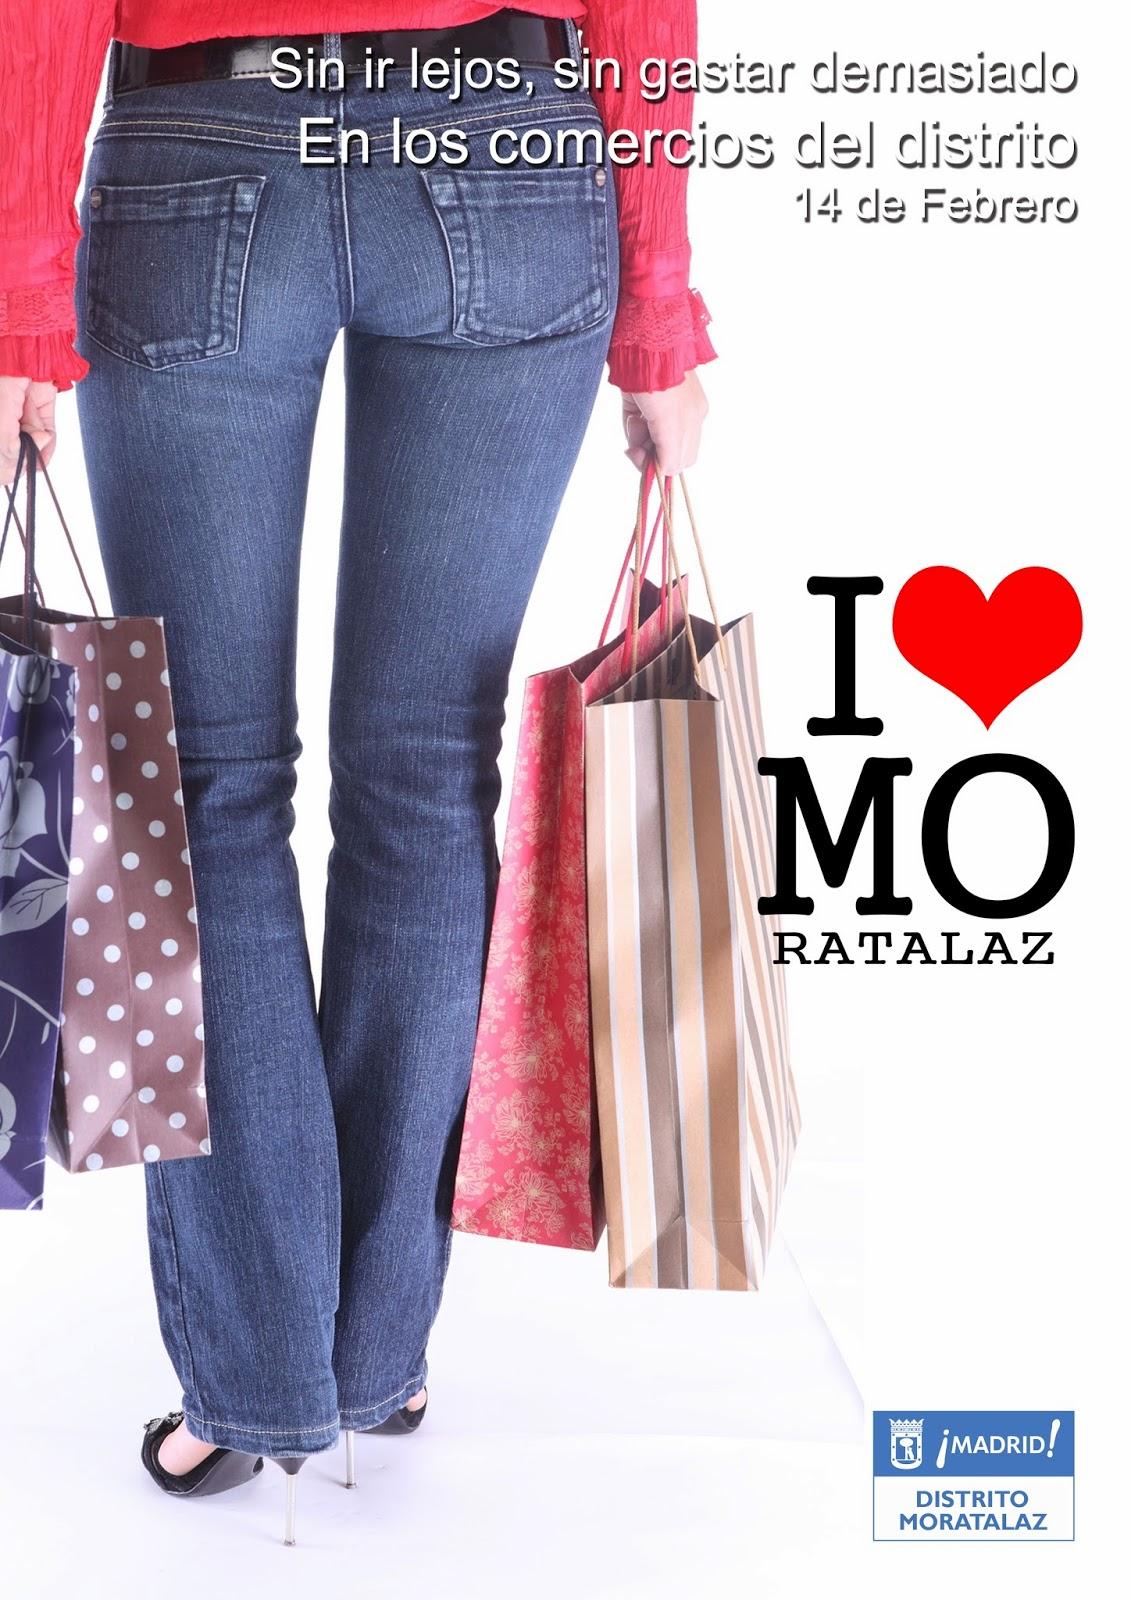 14 de febrero en los comercios de Moratalaz.